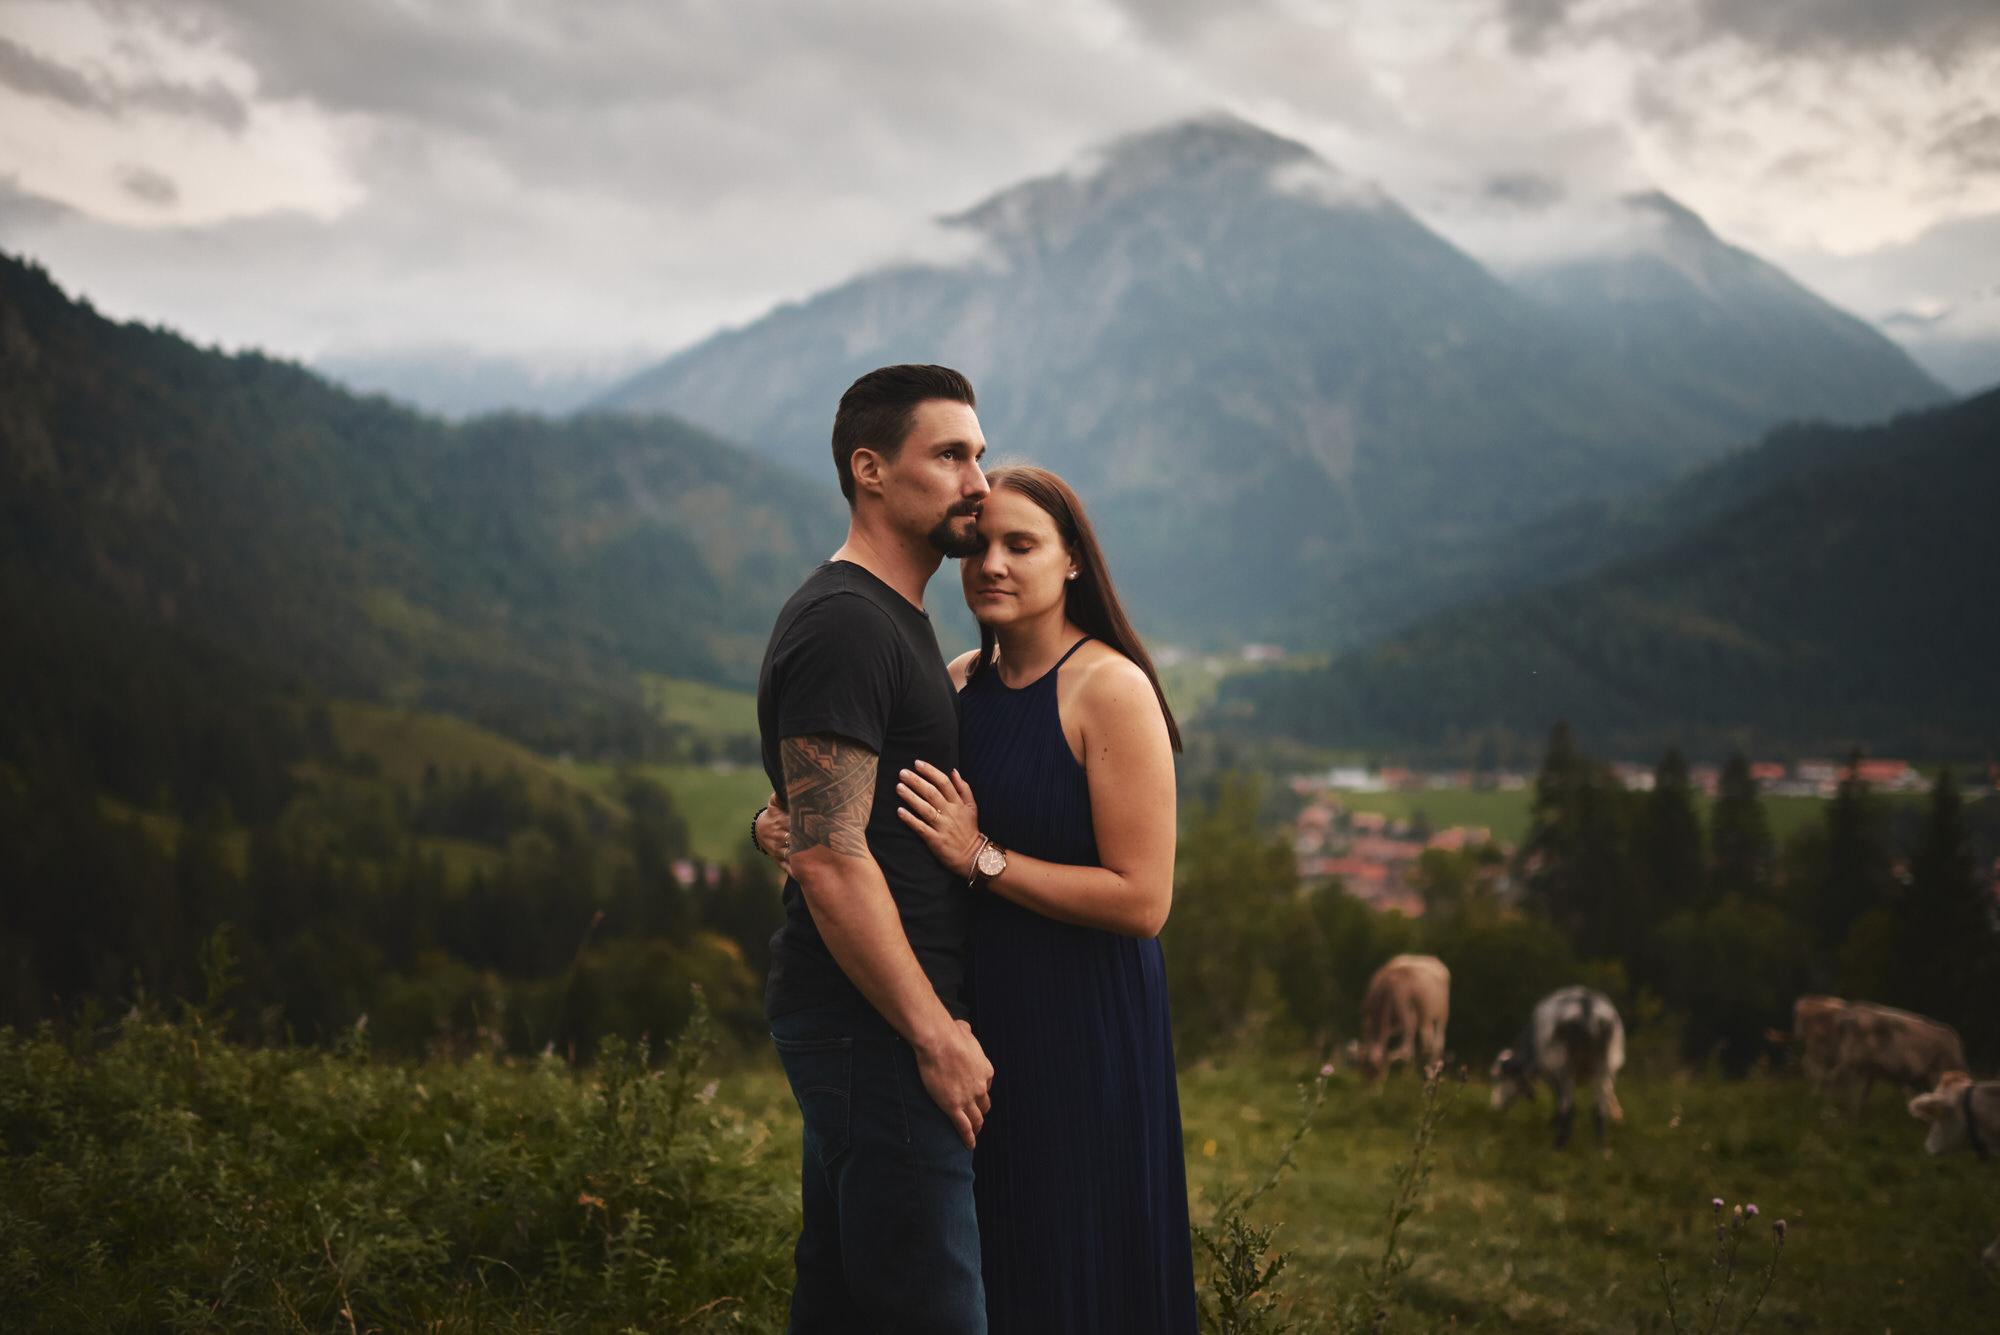 Fotograf im Allgäu